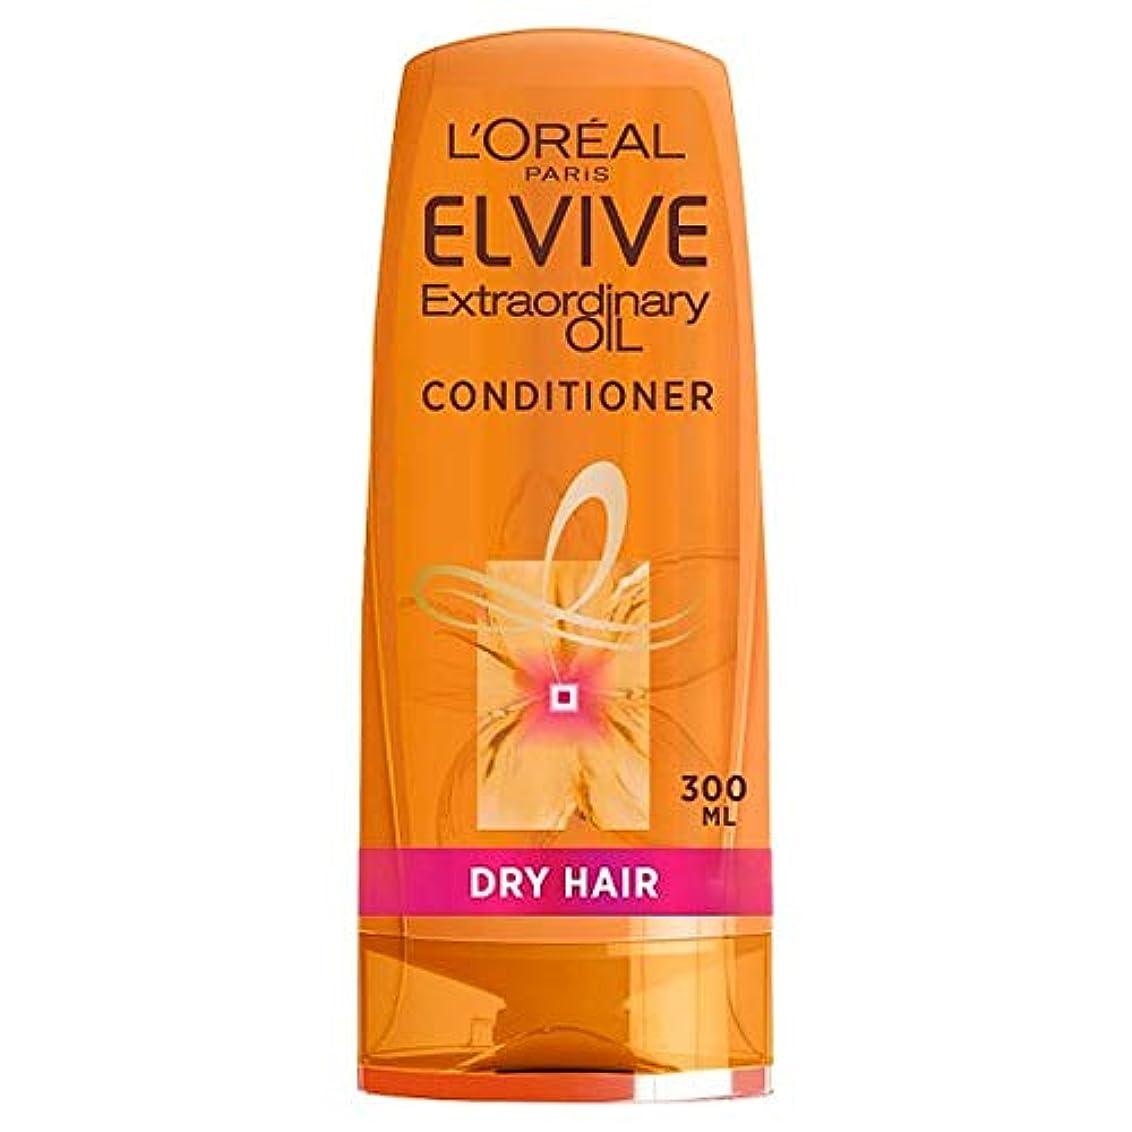 アルファベットウィスキー話[Elvive] ロレアルElvive臨時オイルドライヘアコンディショナー300ミリリットル - L'oreal Elvive Extraordinary Oil Dry Hair Conditioner 300Ml [...